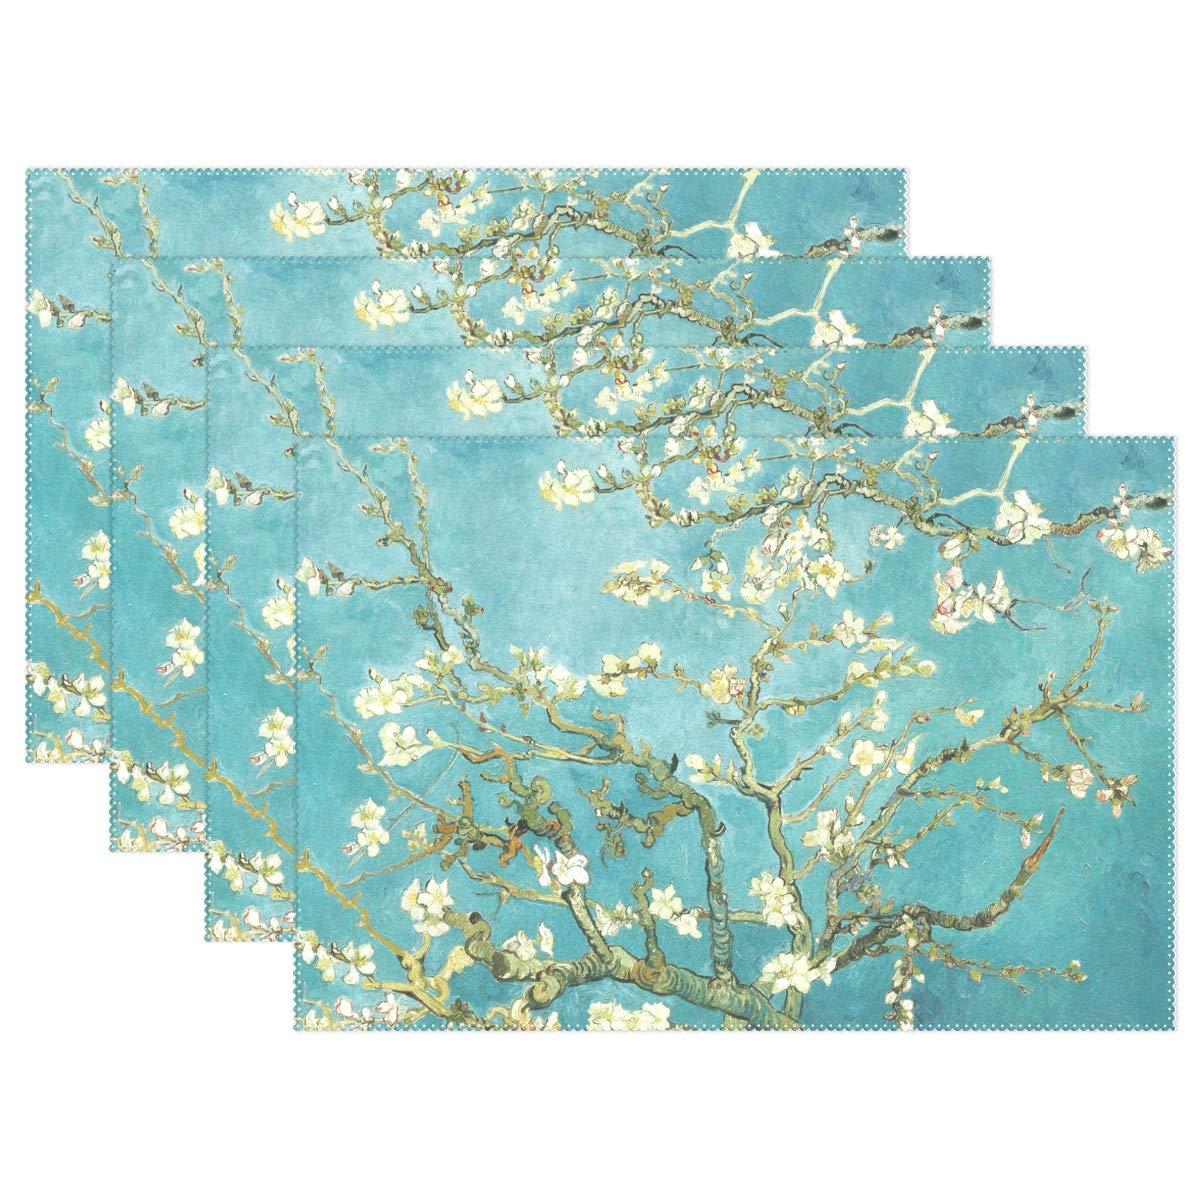 (トロピカルライフ) TropropropLife プレースマット ビンテージ 日本チェリーブロッサム 洗濯可能 テーブルマット 耐性 ホームキッチン ダイニングテーブル装飾 4枚セット   B07JKWNY1B